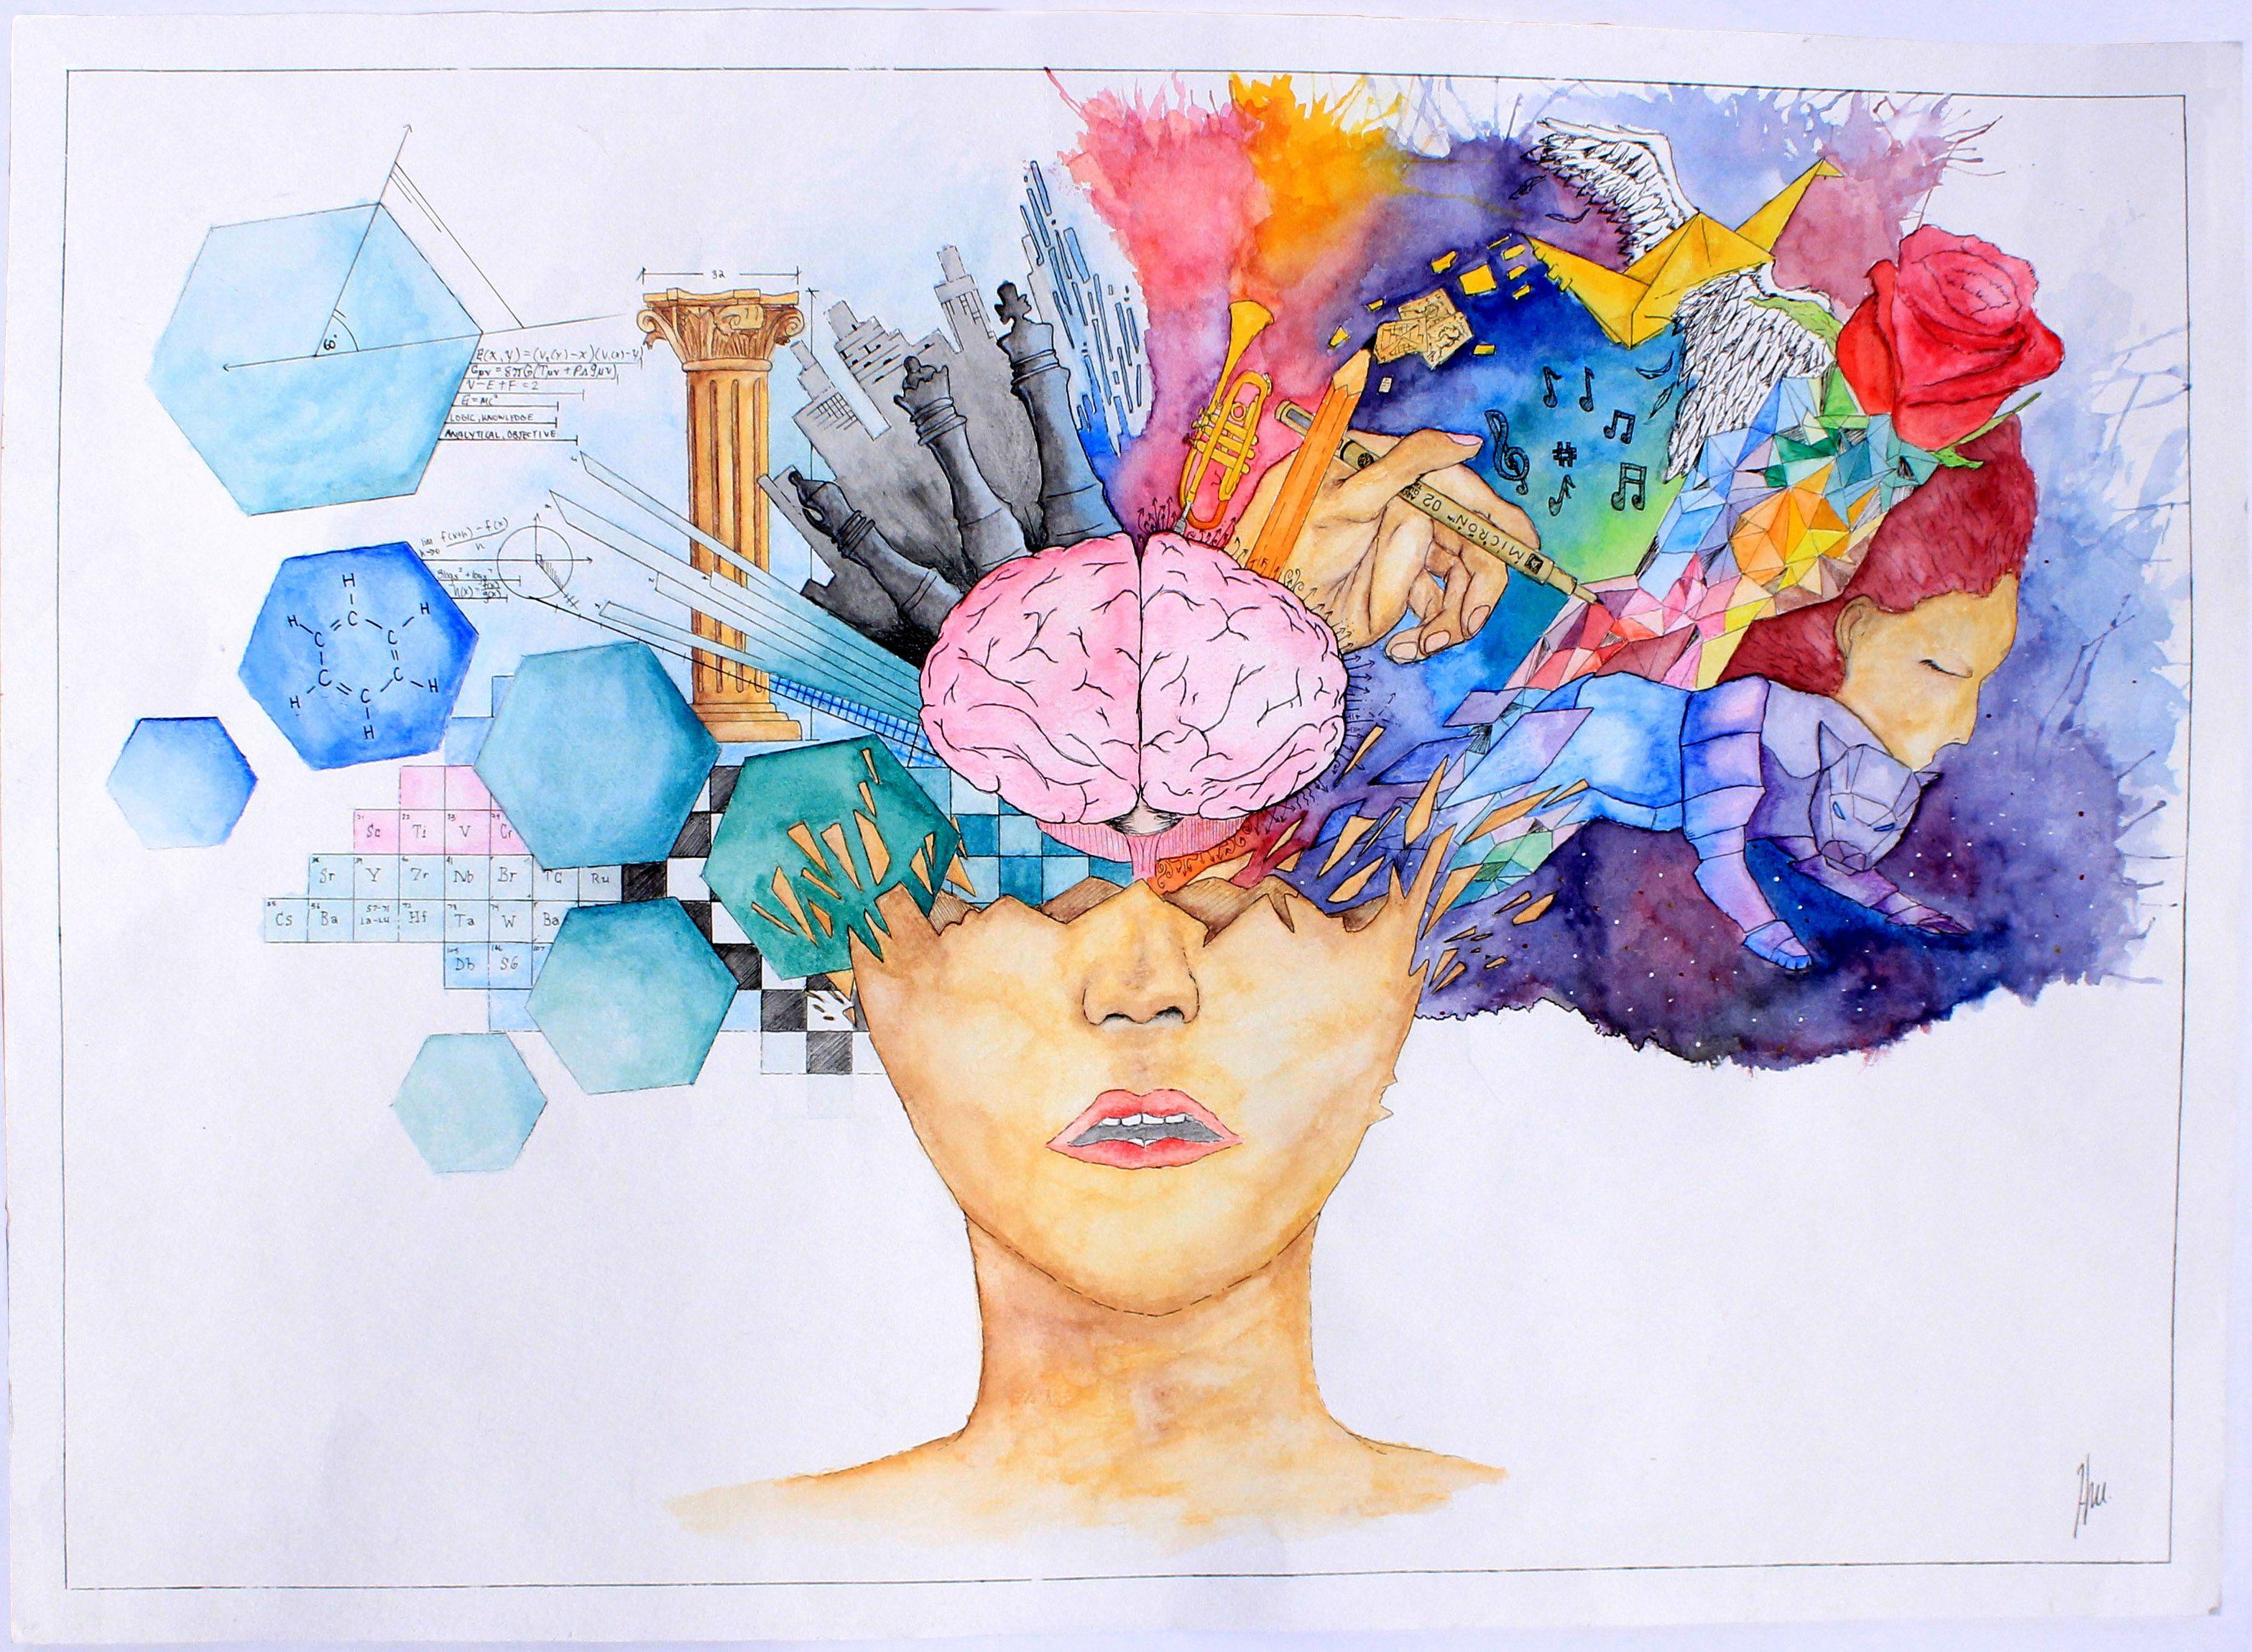 'Hızlı Beyin'lerden Misiniz? – 19.08.2015